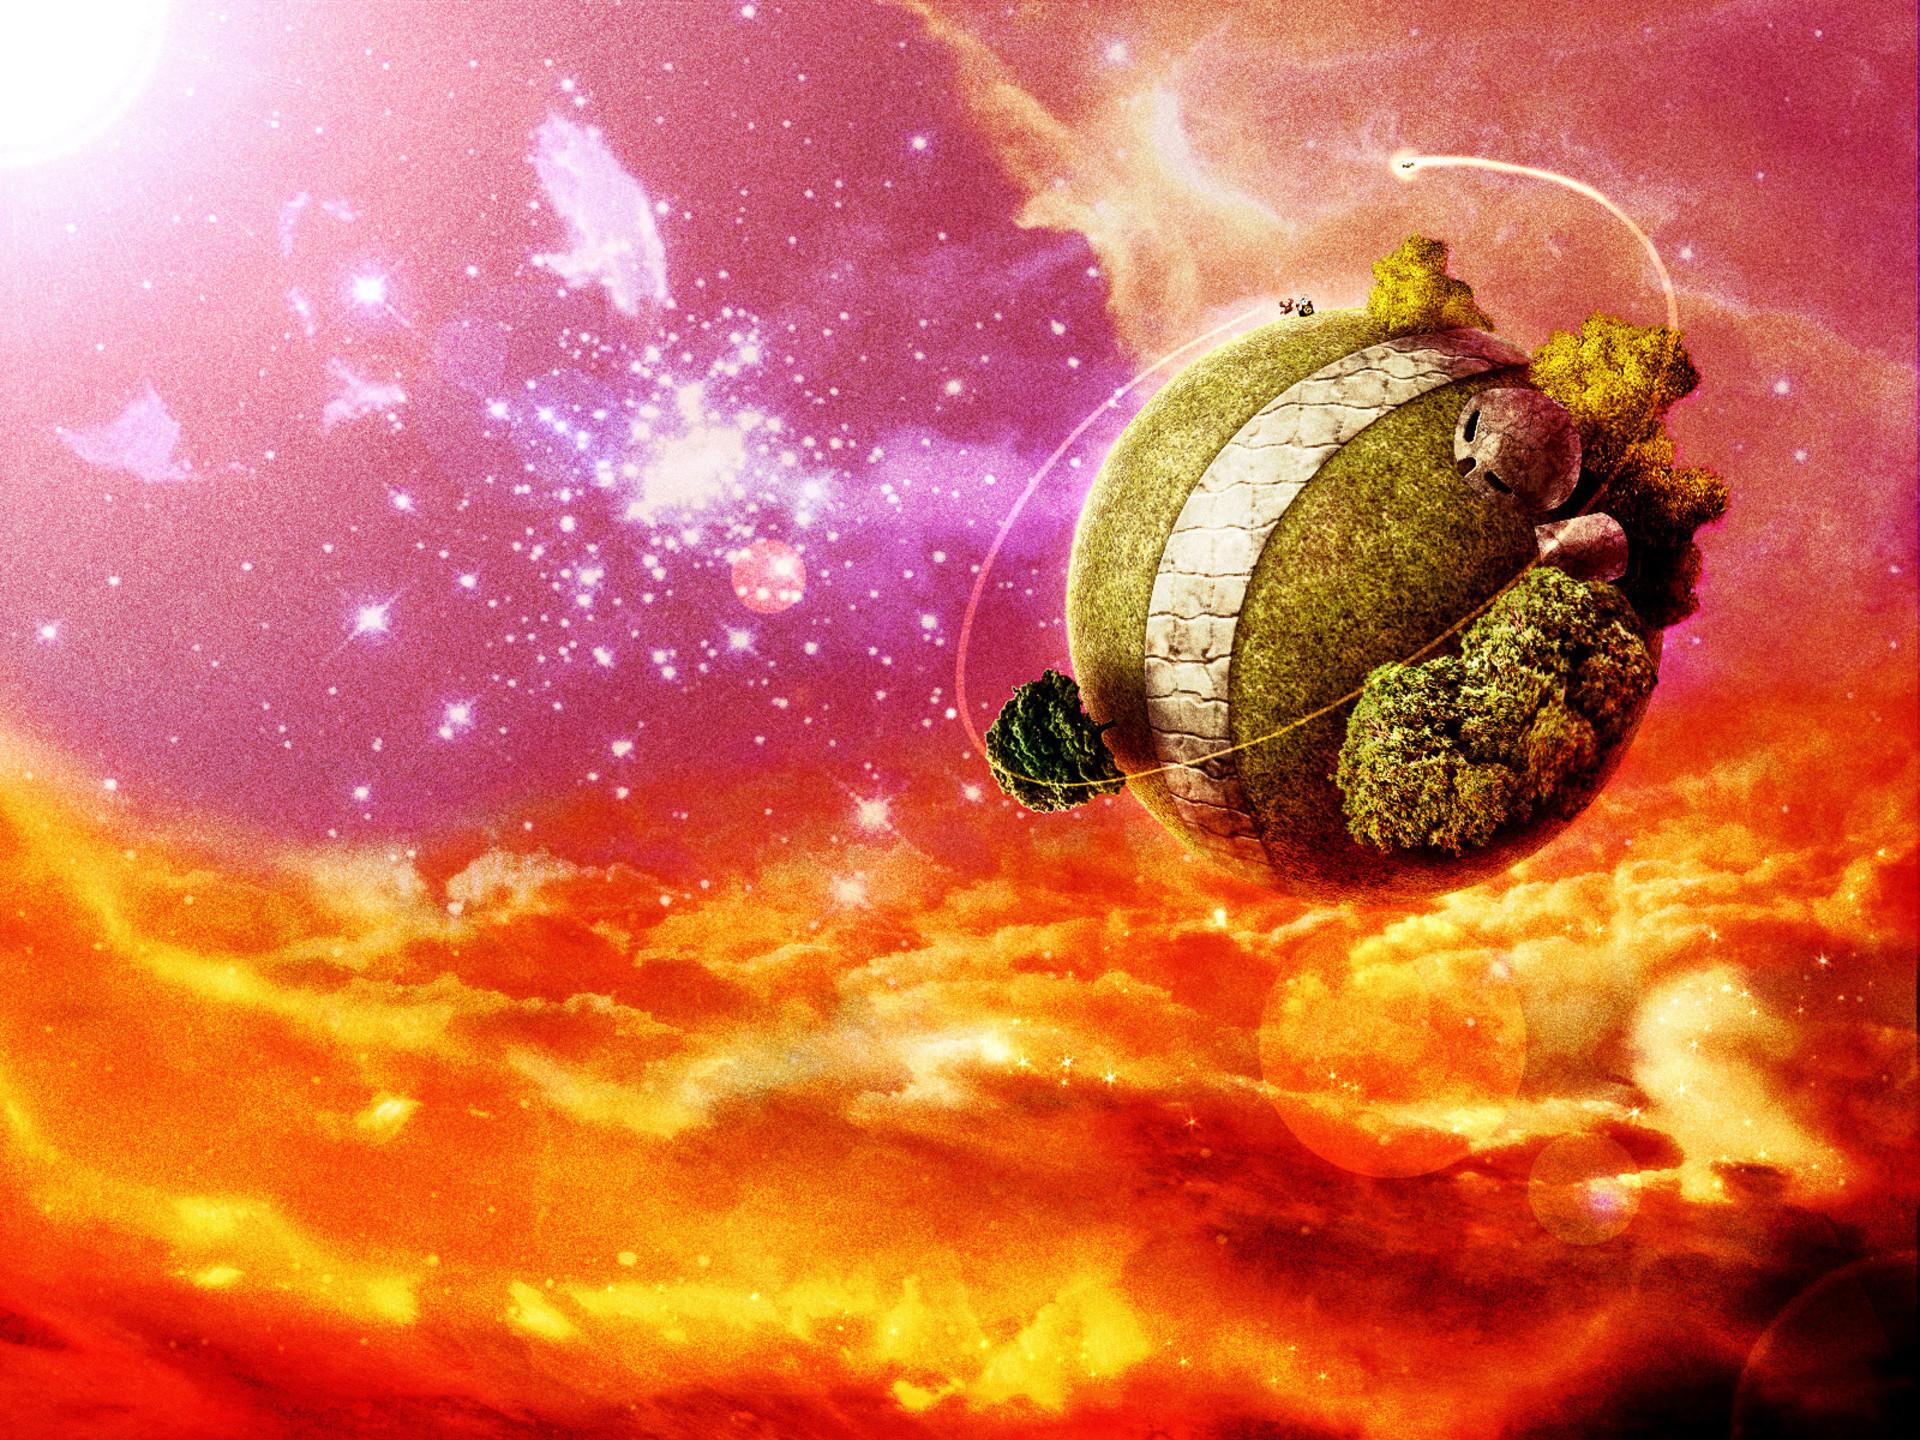 Dragonball Z – King Kai's (North Kai) planet